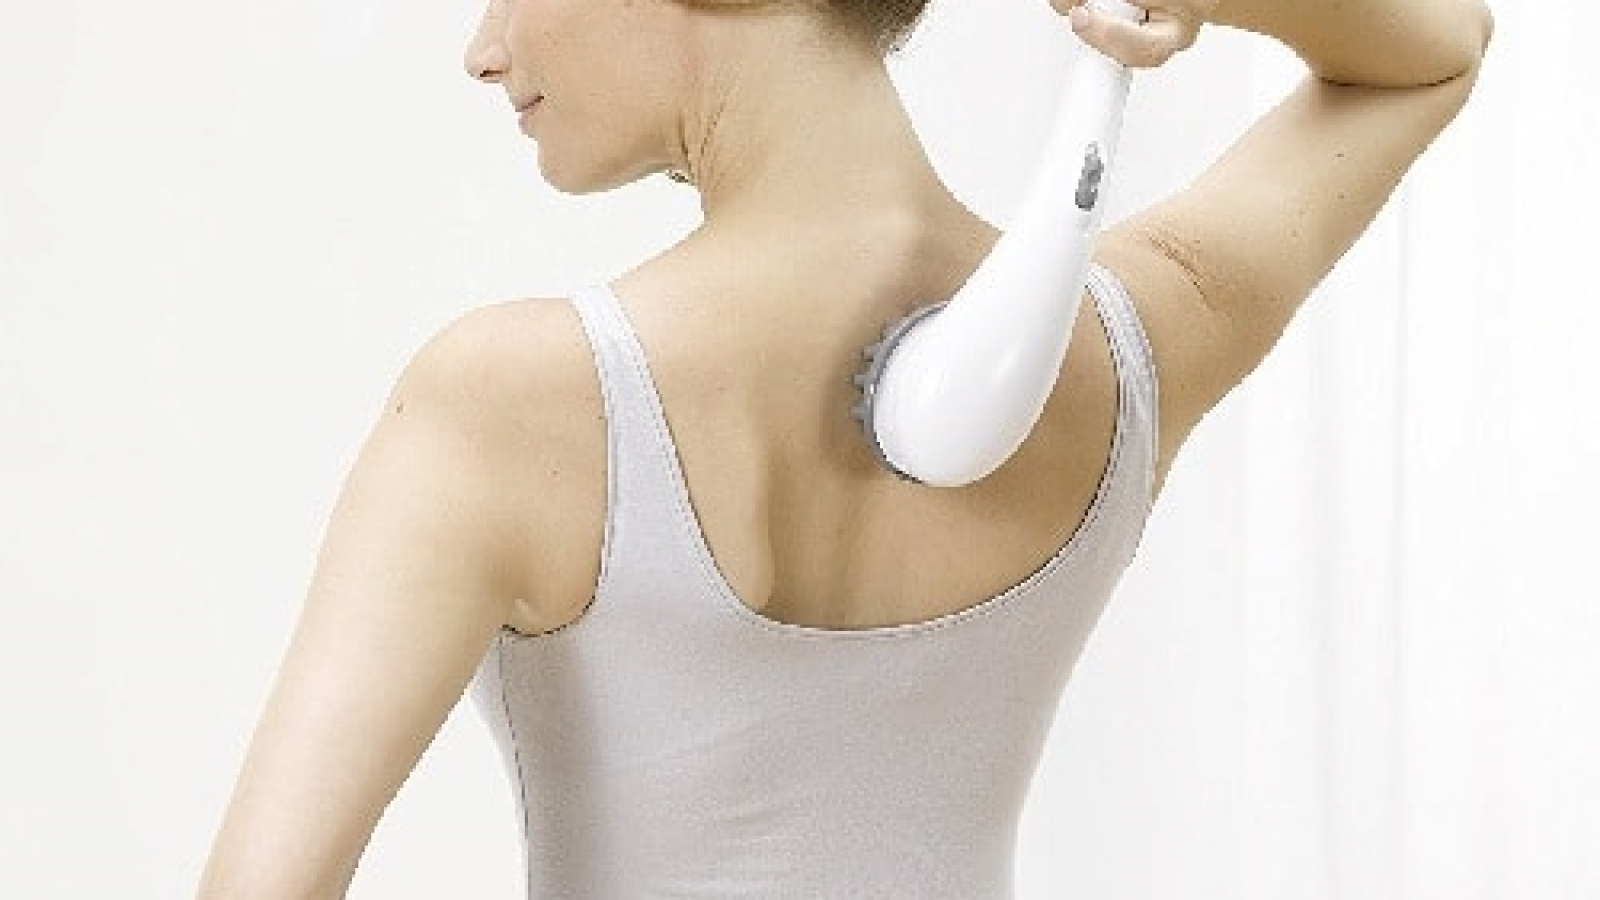 Appareil-massage-infrarouge-MG21-beurer